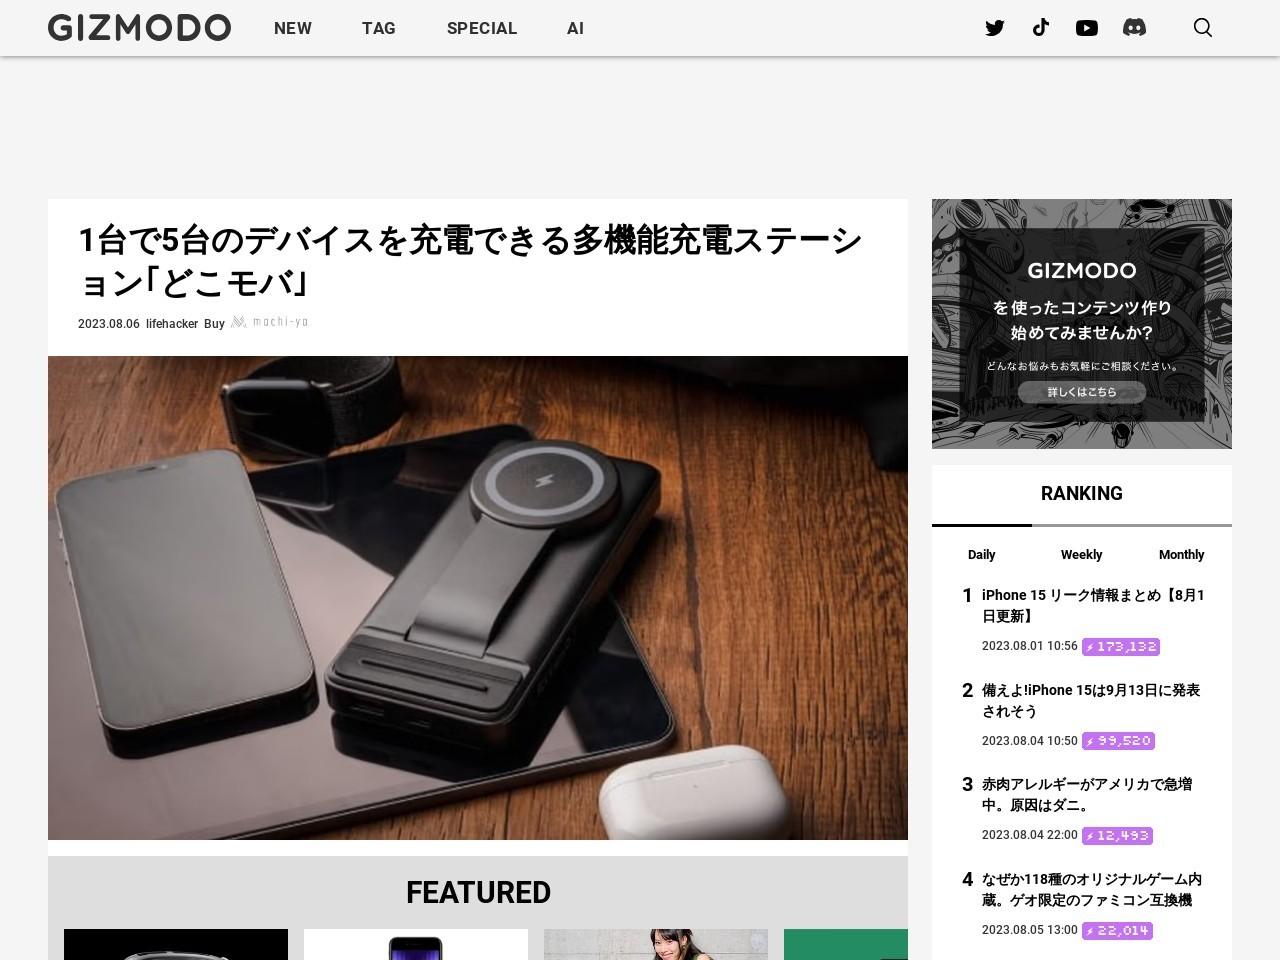 http://www.gizmodo.jp/2015/02/de_6.html